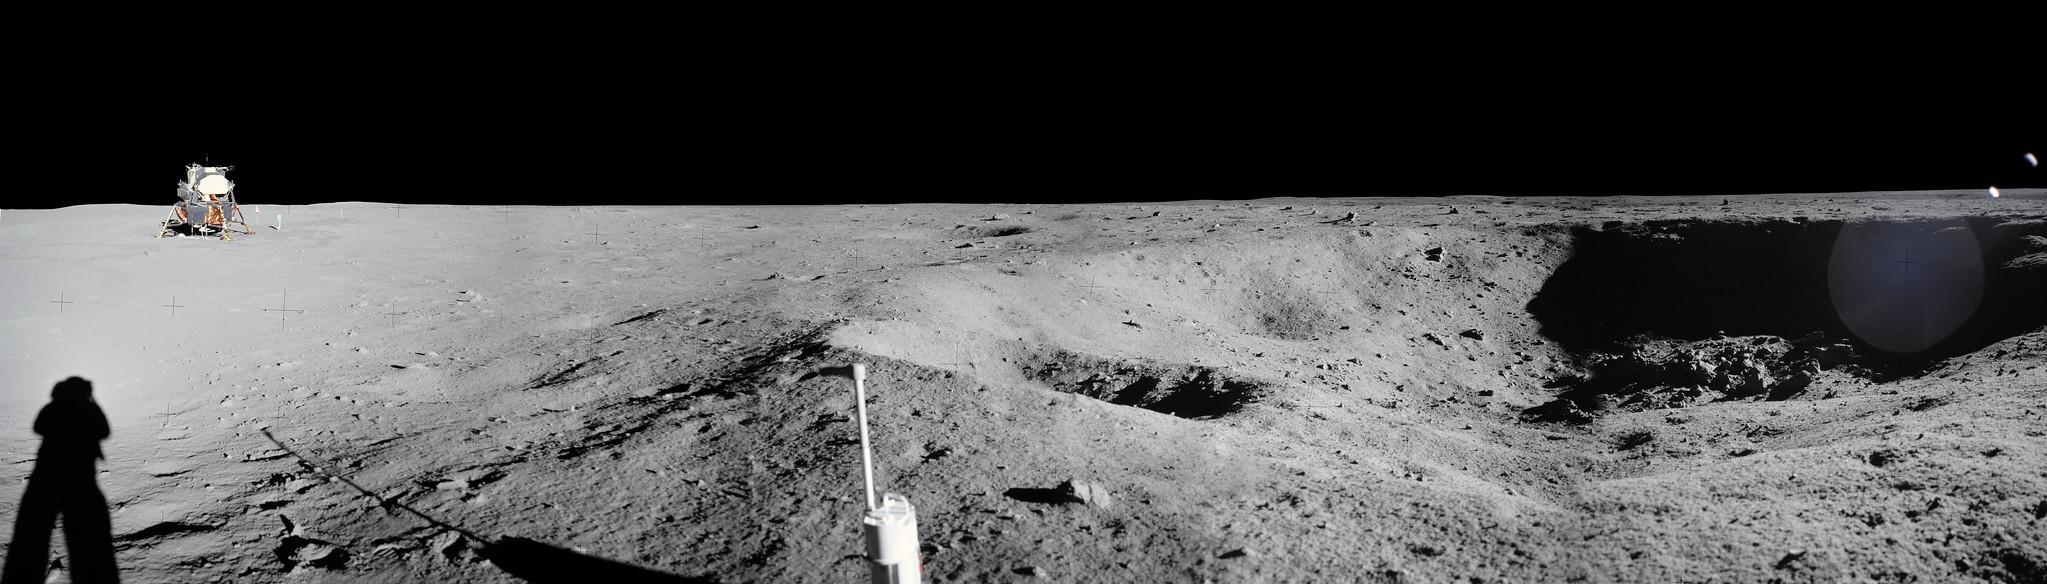 Apollo 11, module de commande et service (CSM) photo vue du module lunaire (LM) en orbite lunaire durant mission atterrissage lunaire, Lune © NASA - as11-37-5445 - 20 Juillet 1969